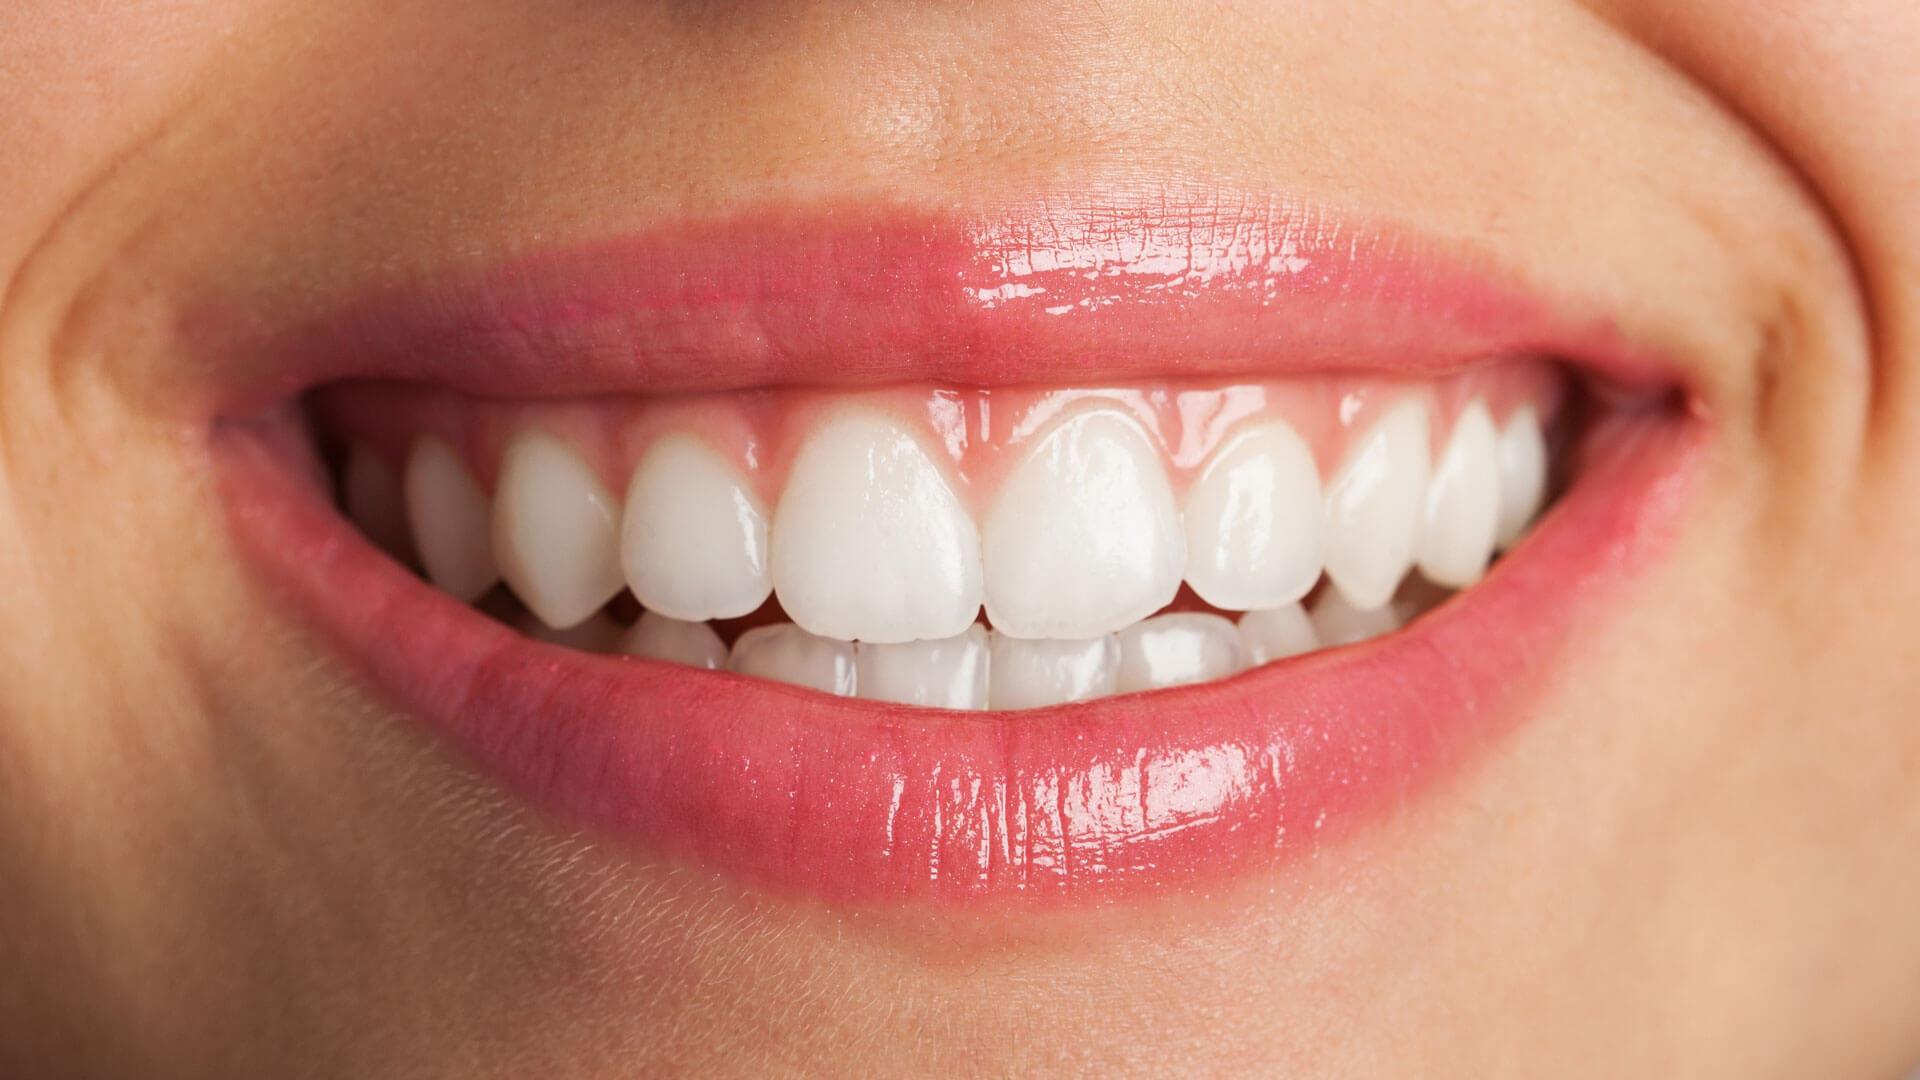 ¿Cómo lograr una sonrisa blanca y perfecta?